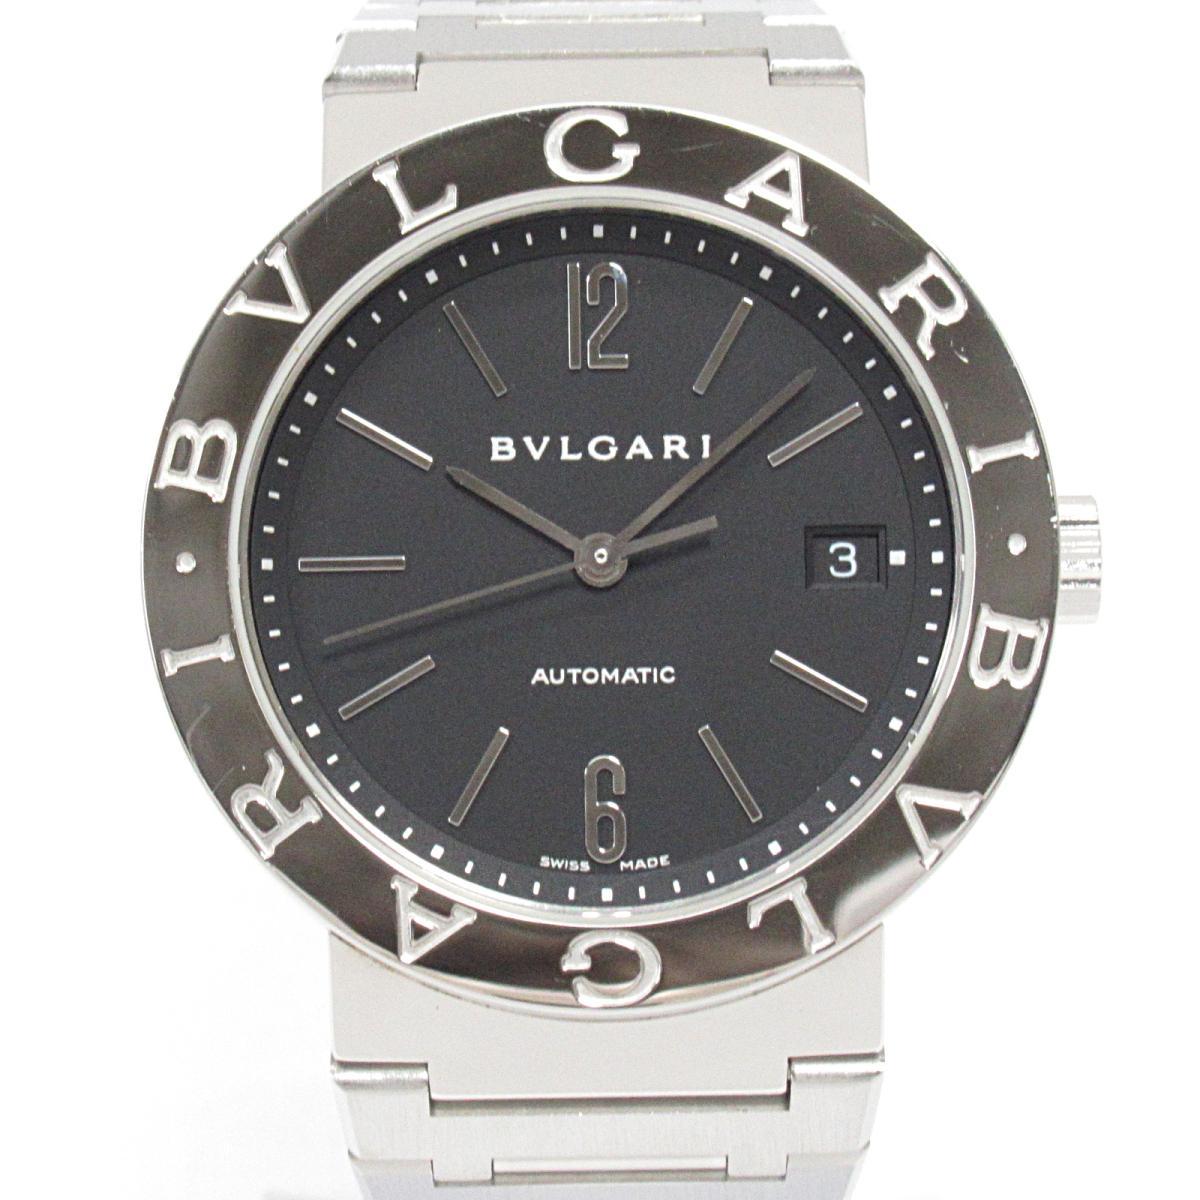 ≪期間限定≫メルマガ登録でクーポンGET! 【中古】 ブルガリ ブルガリブルガリ 腕時計 ウォッチ メンズ ステンレススチール (SS) (BB38SS)   BVLGARI BRANDOFF ブランドオフ ブランド ブランド時計 ブランド腕時計 時計